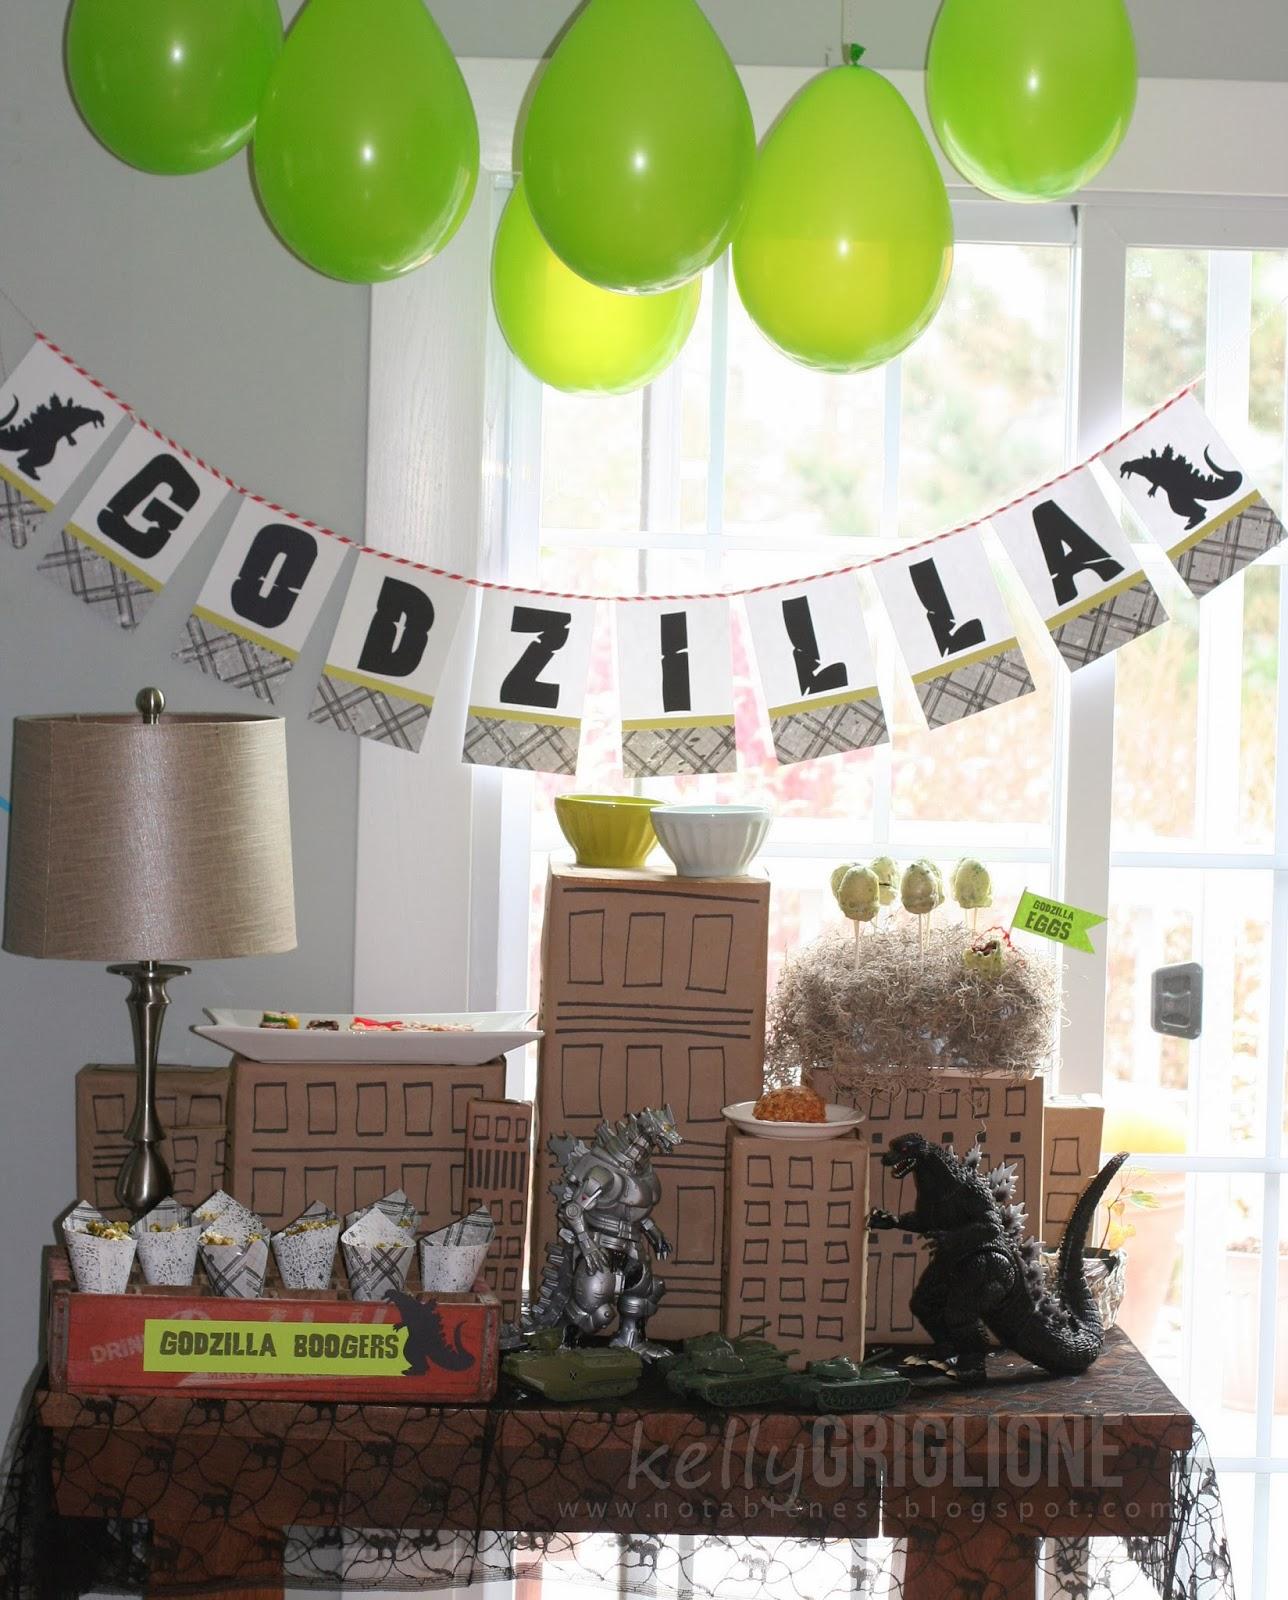 Notable Nest: Happy Belated Birthday, Tracey!! + Godzilla